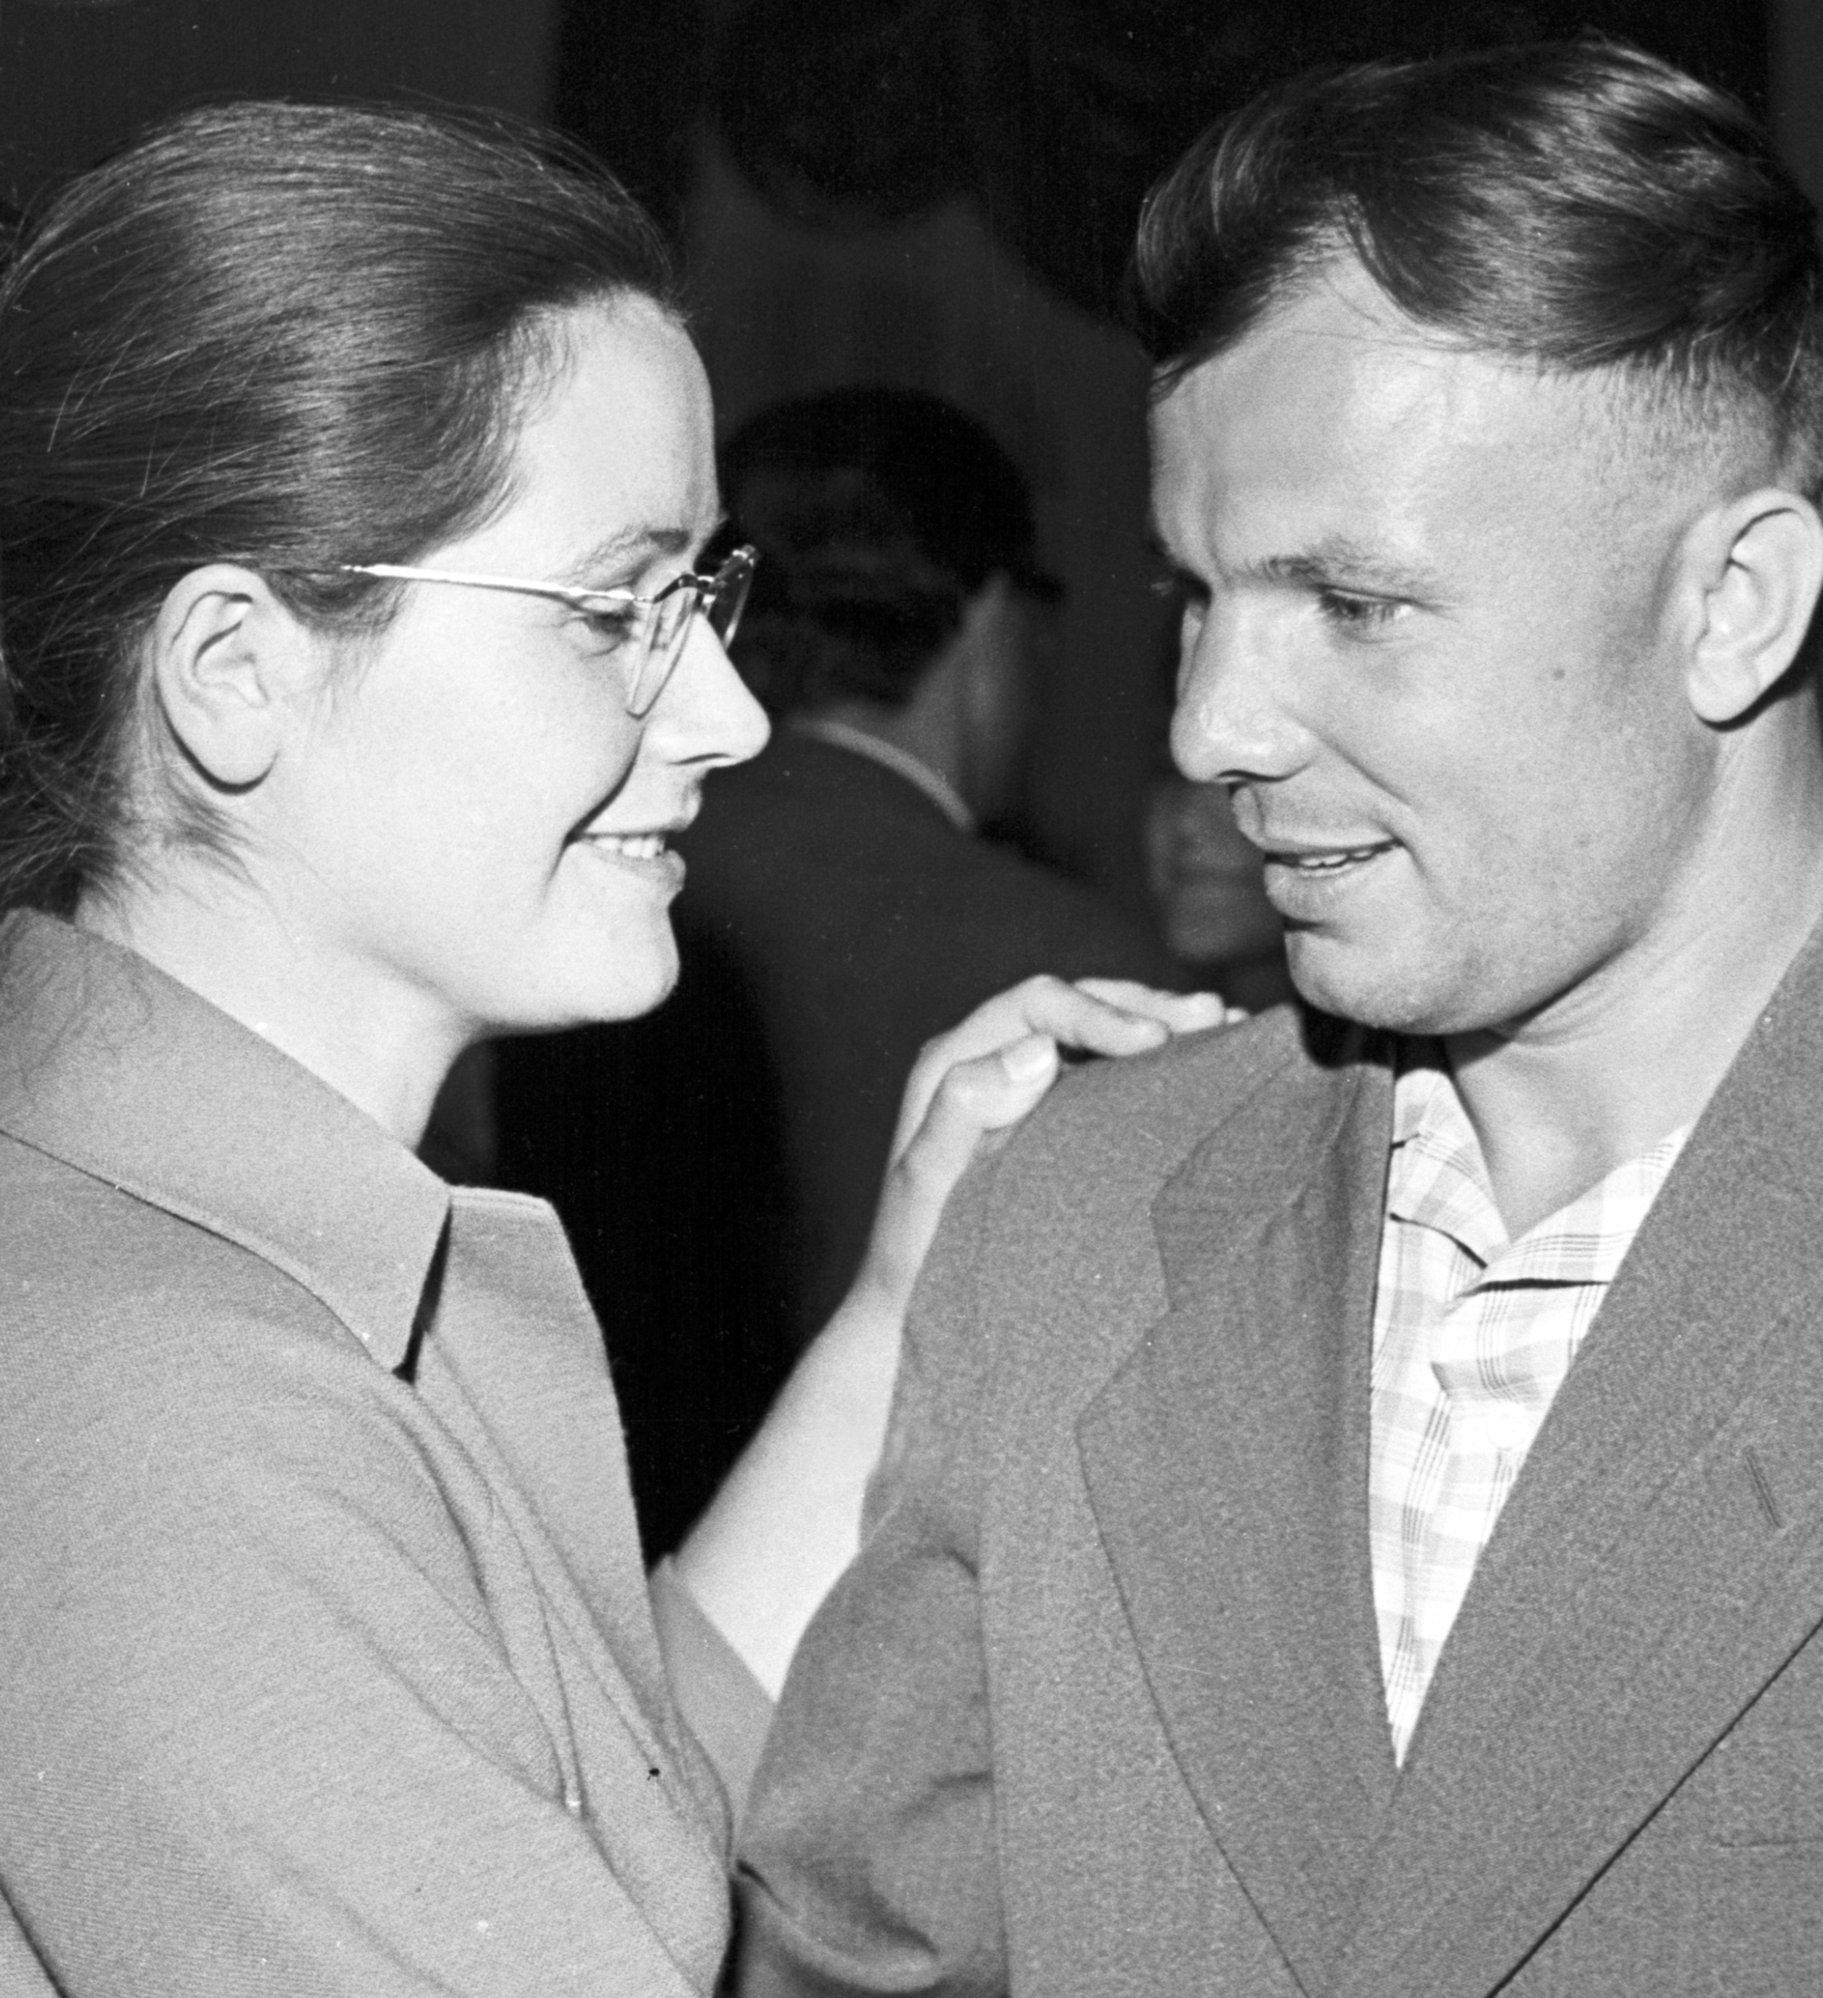 El cosmonauta soviético Yuri Gagarin y su esposa Valentina